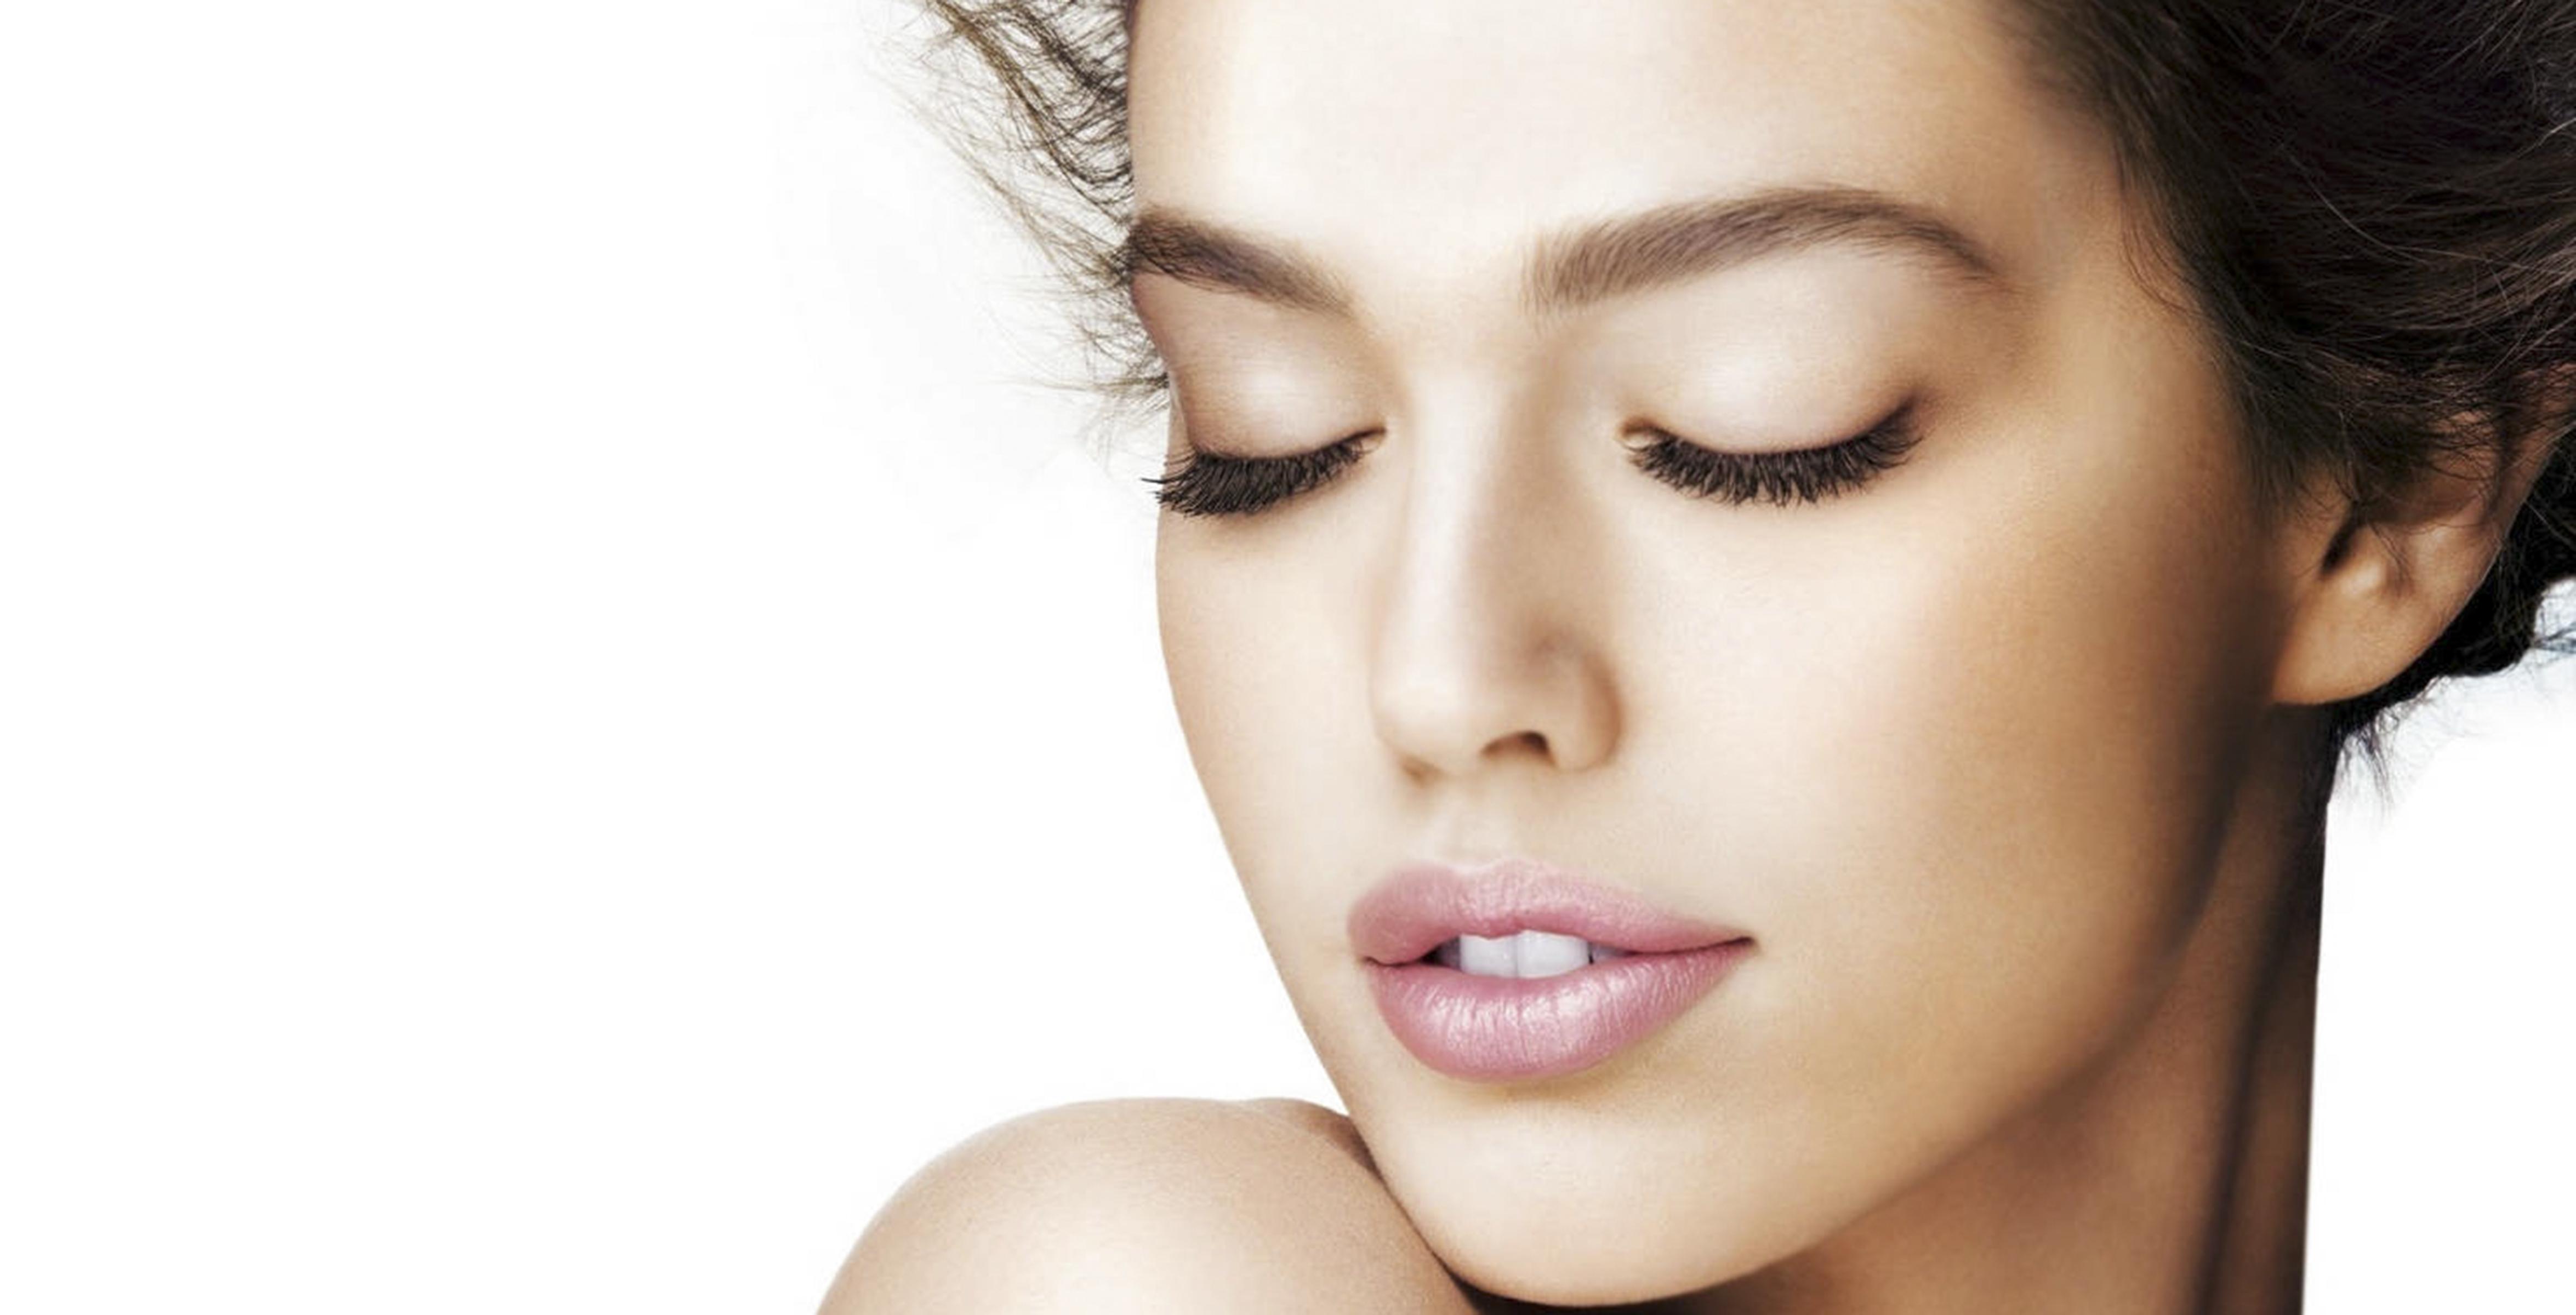 brunettes_women_models__faces 4700 2400.jpg